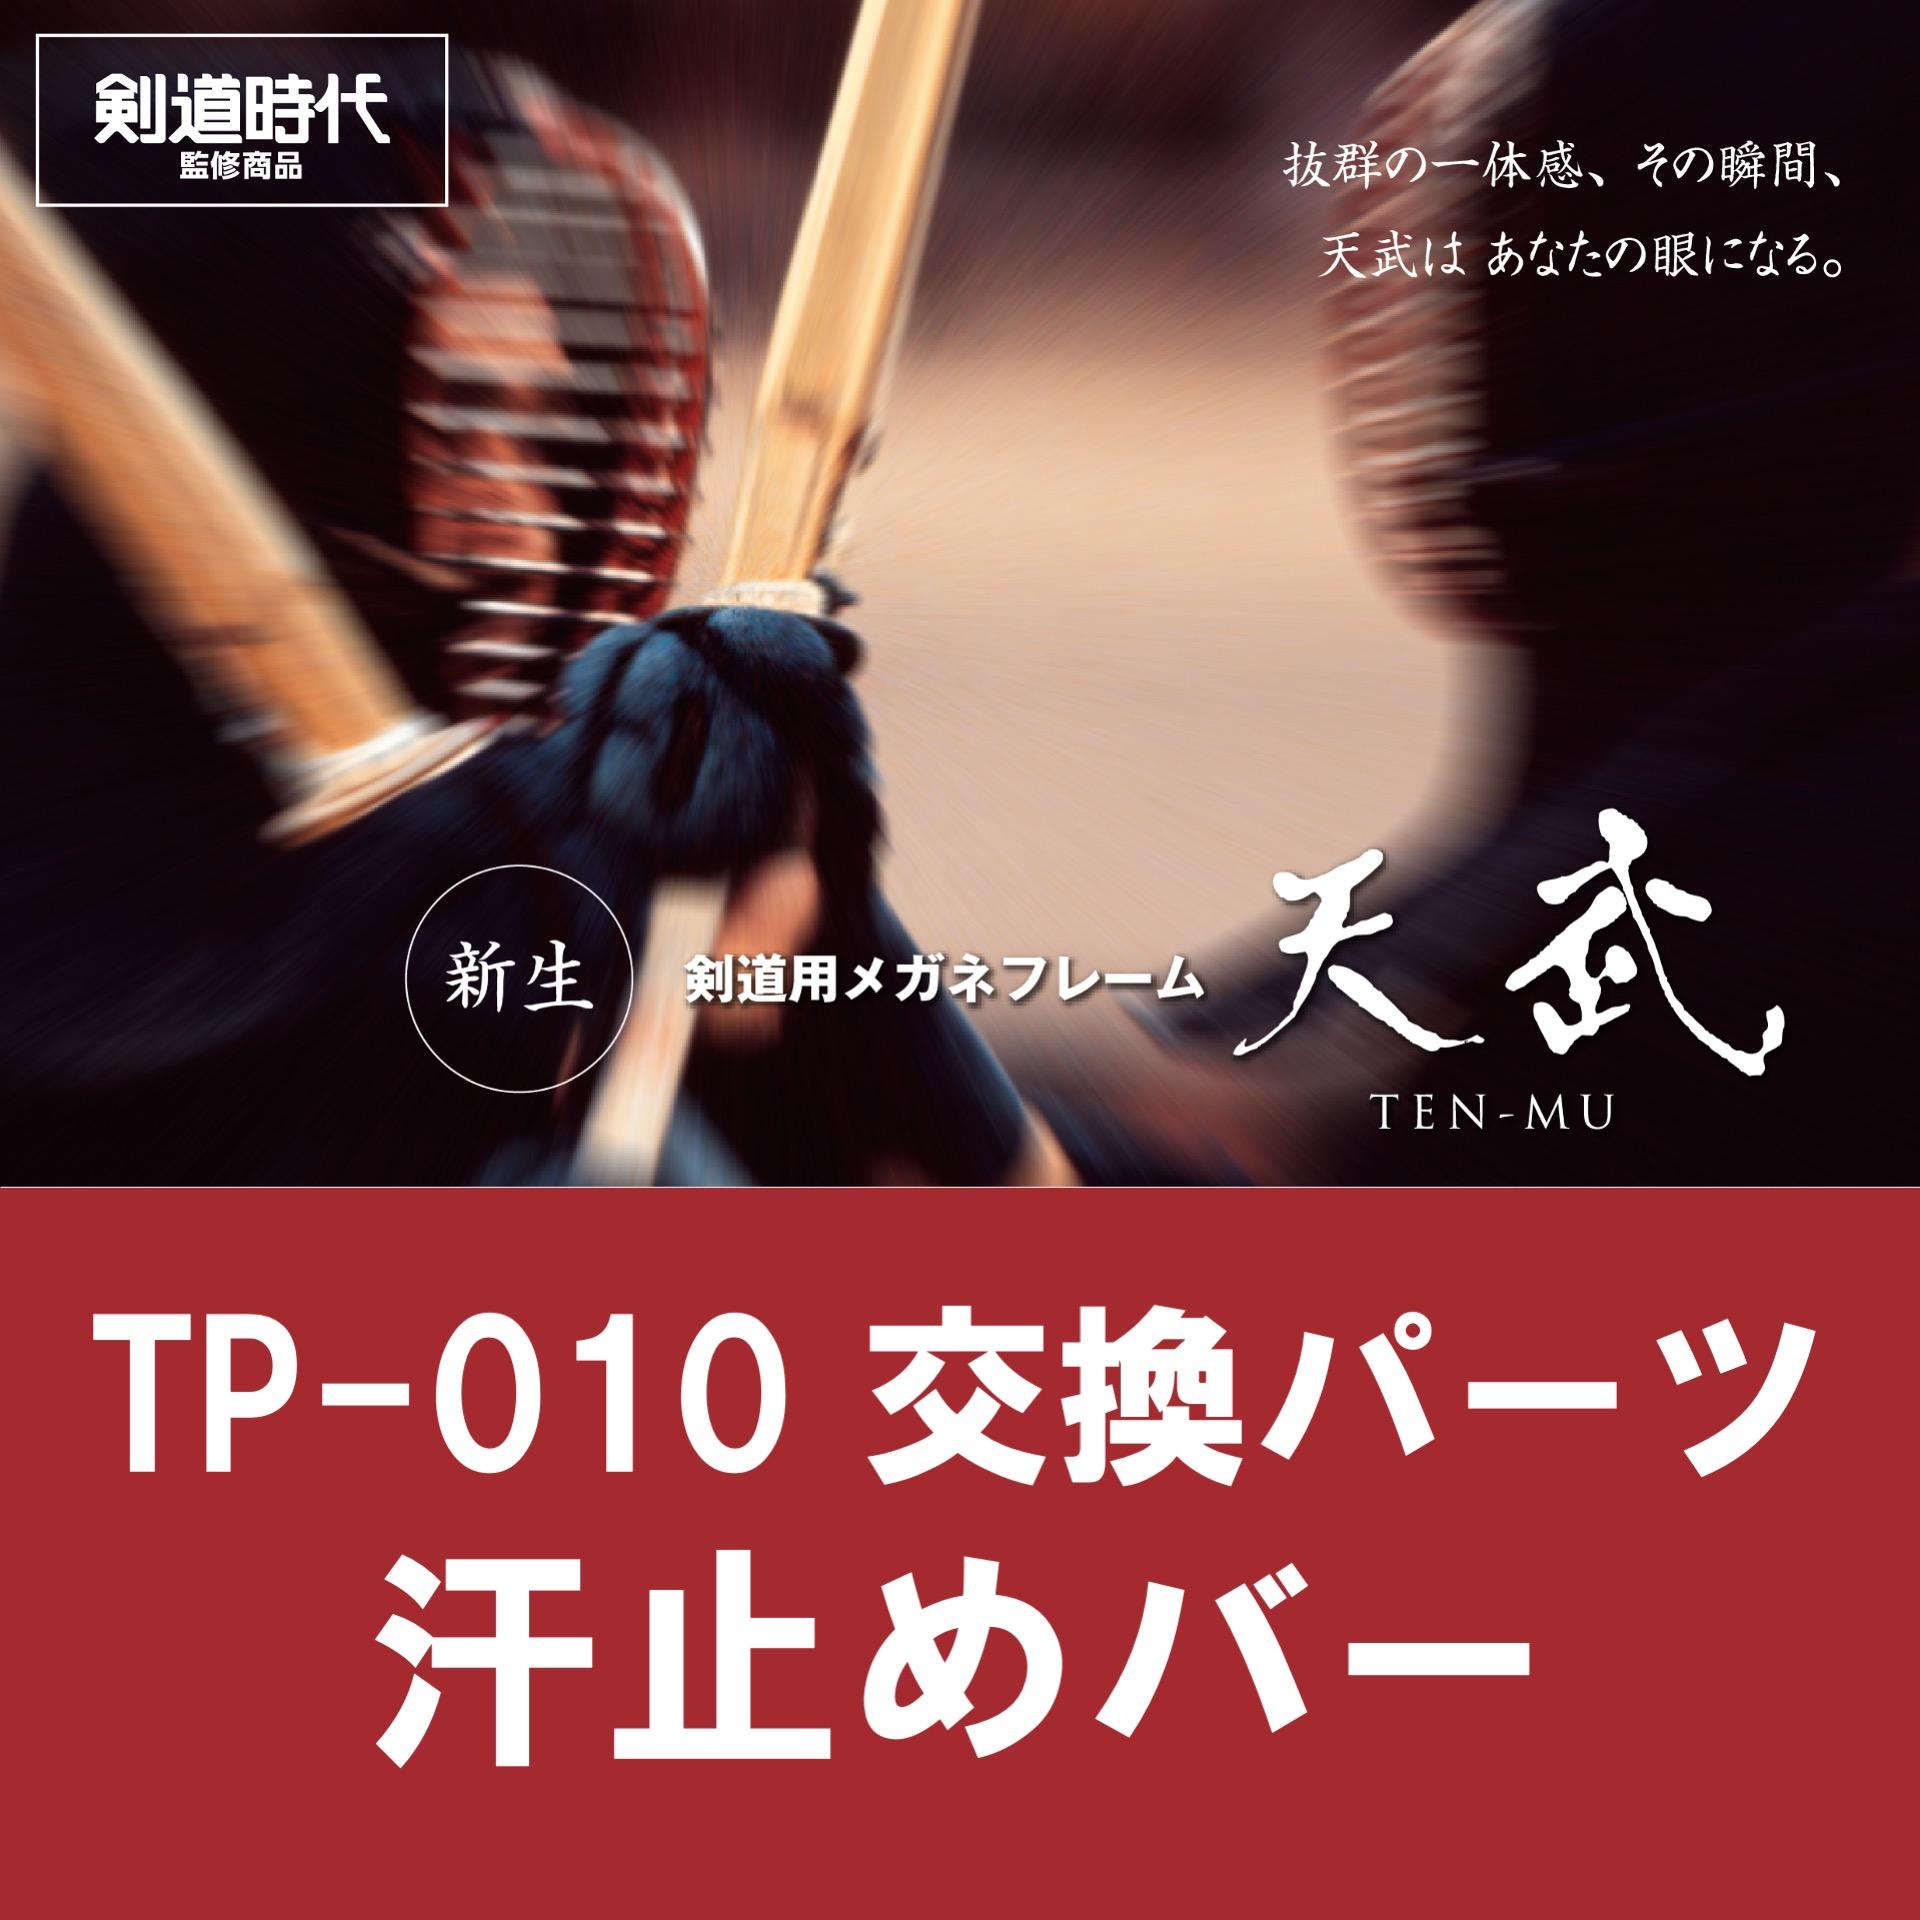 和真オリジナル商品 天武TP-010 贈答品 交換用汗止めバー 限定特価